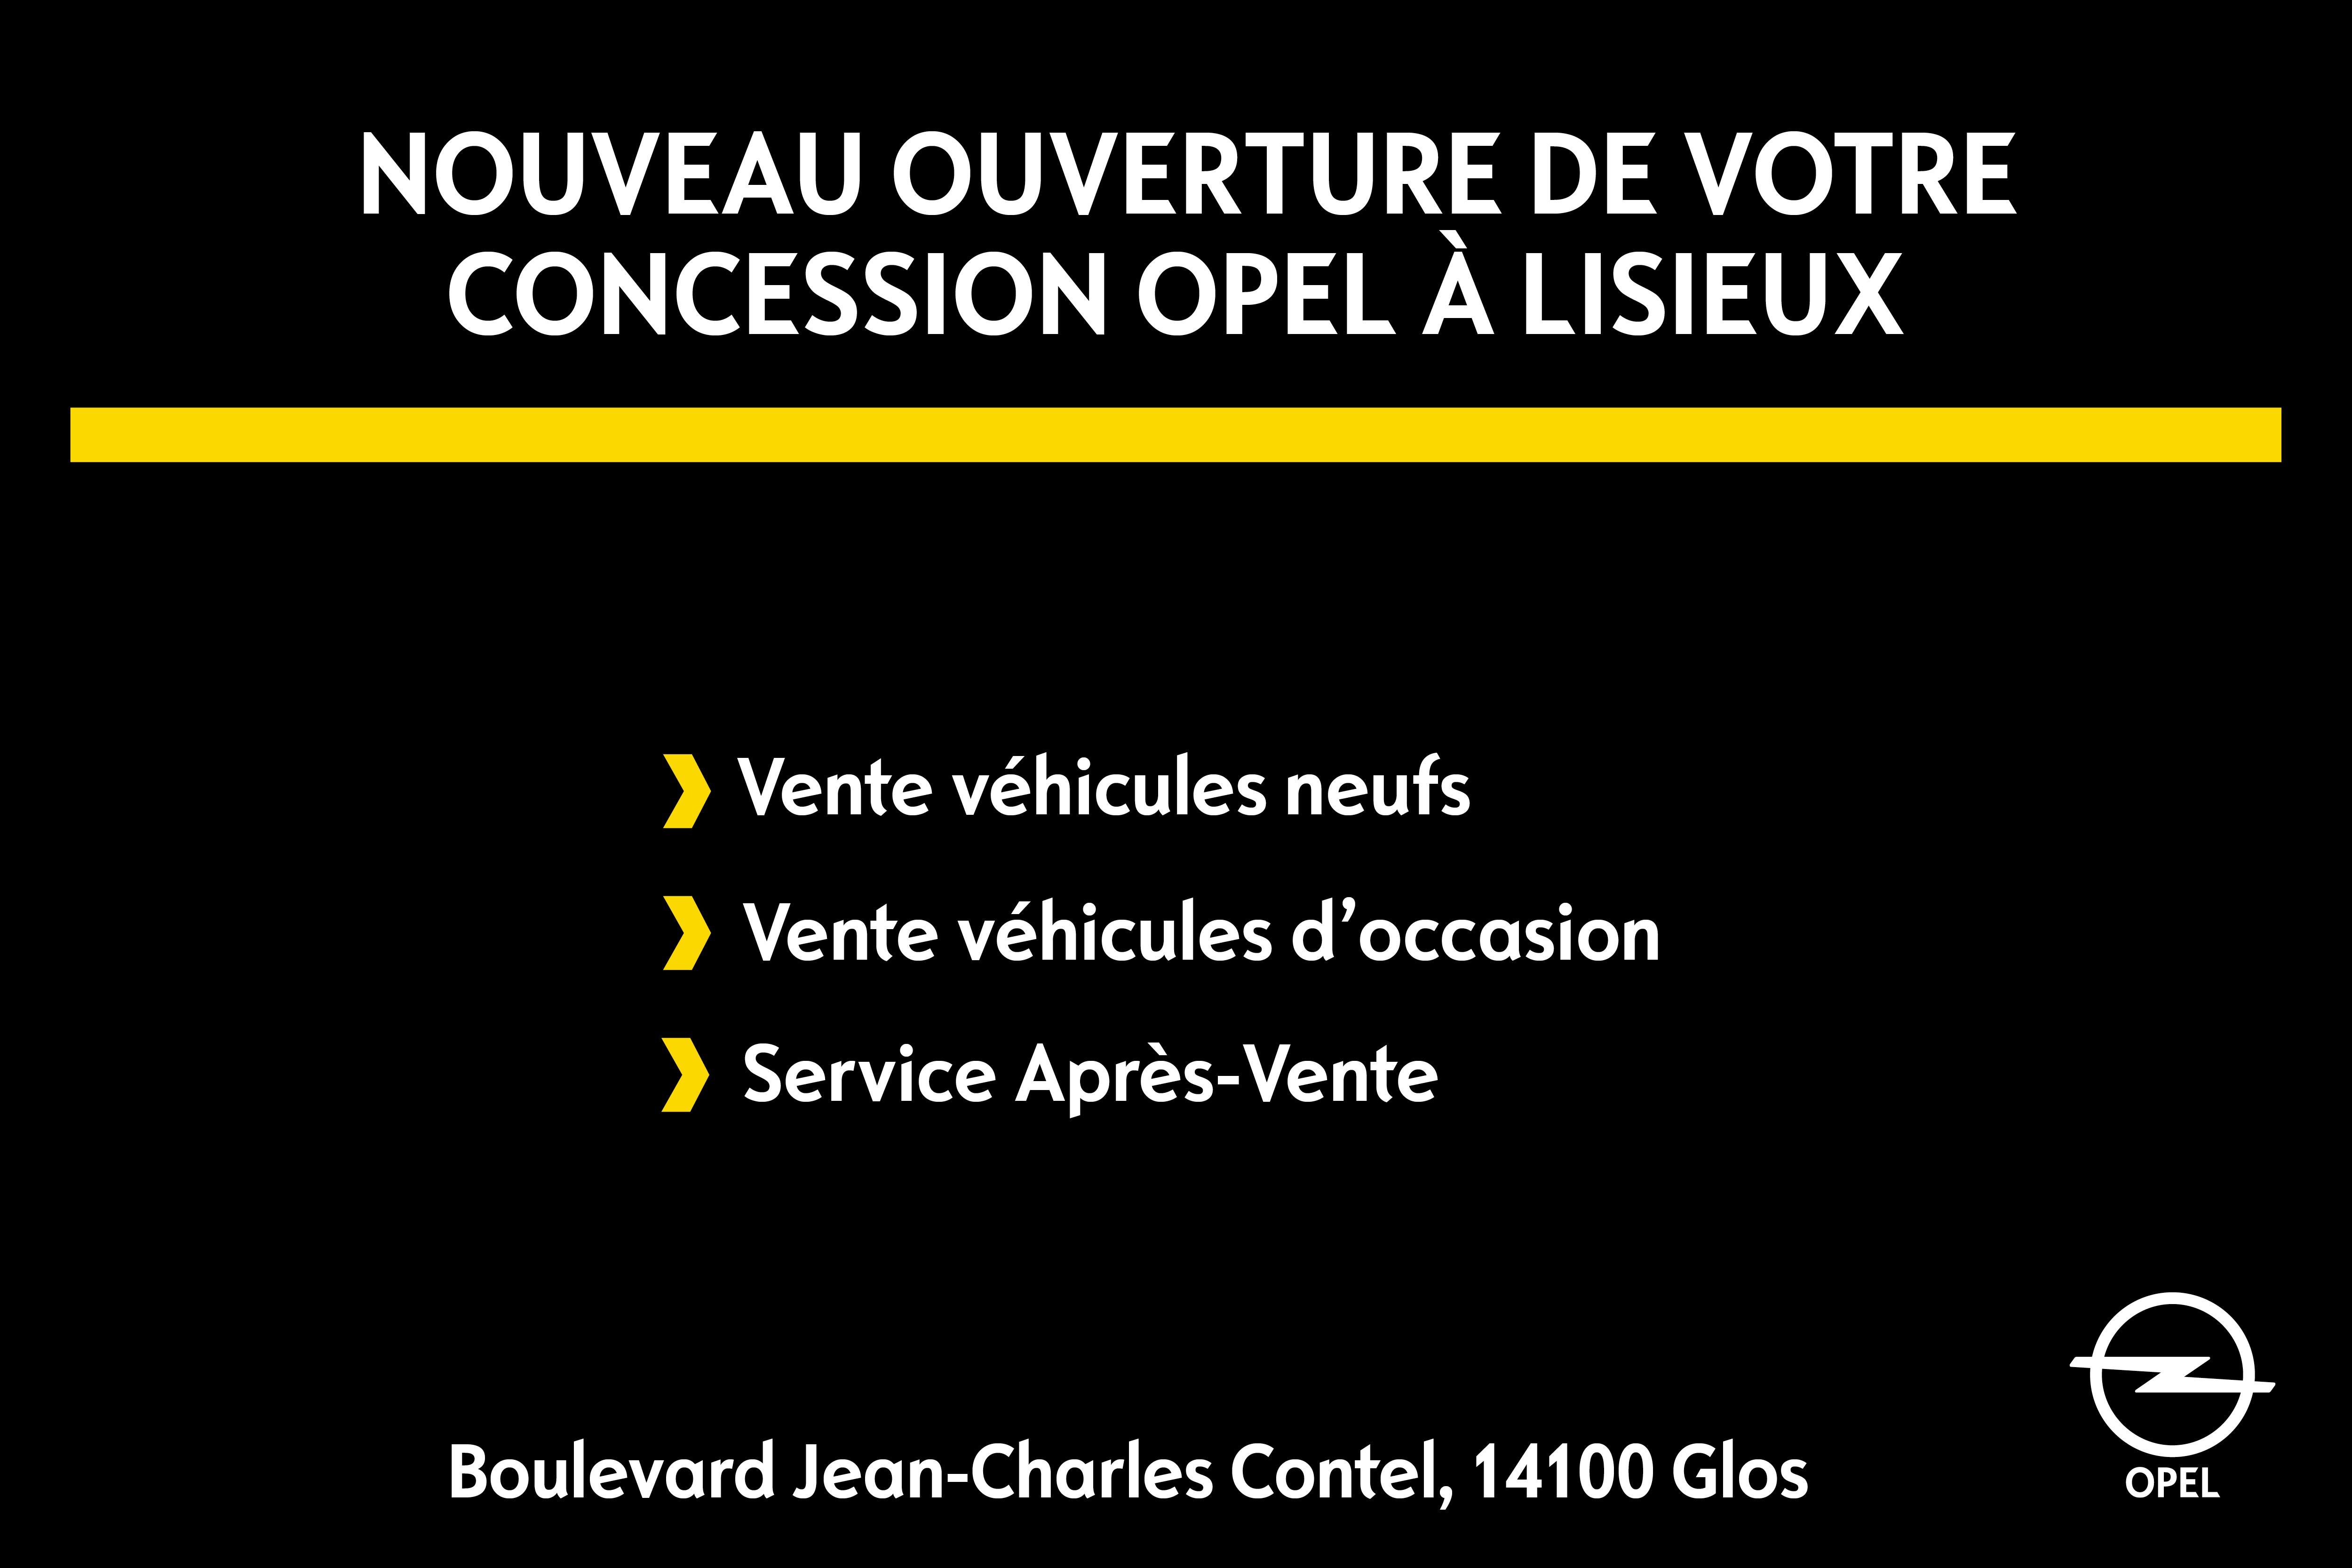 Nouveau Opel Lisieux